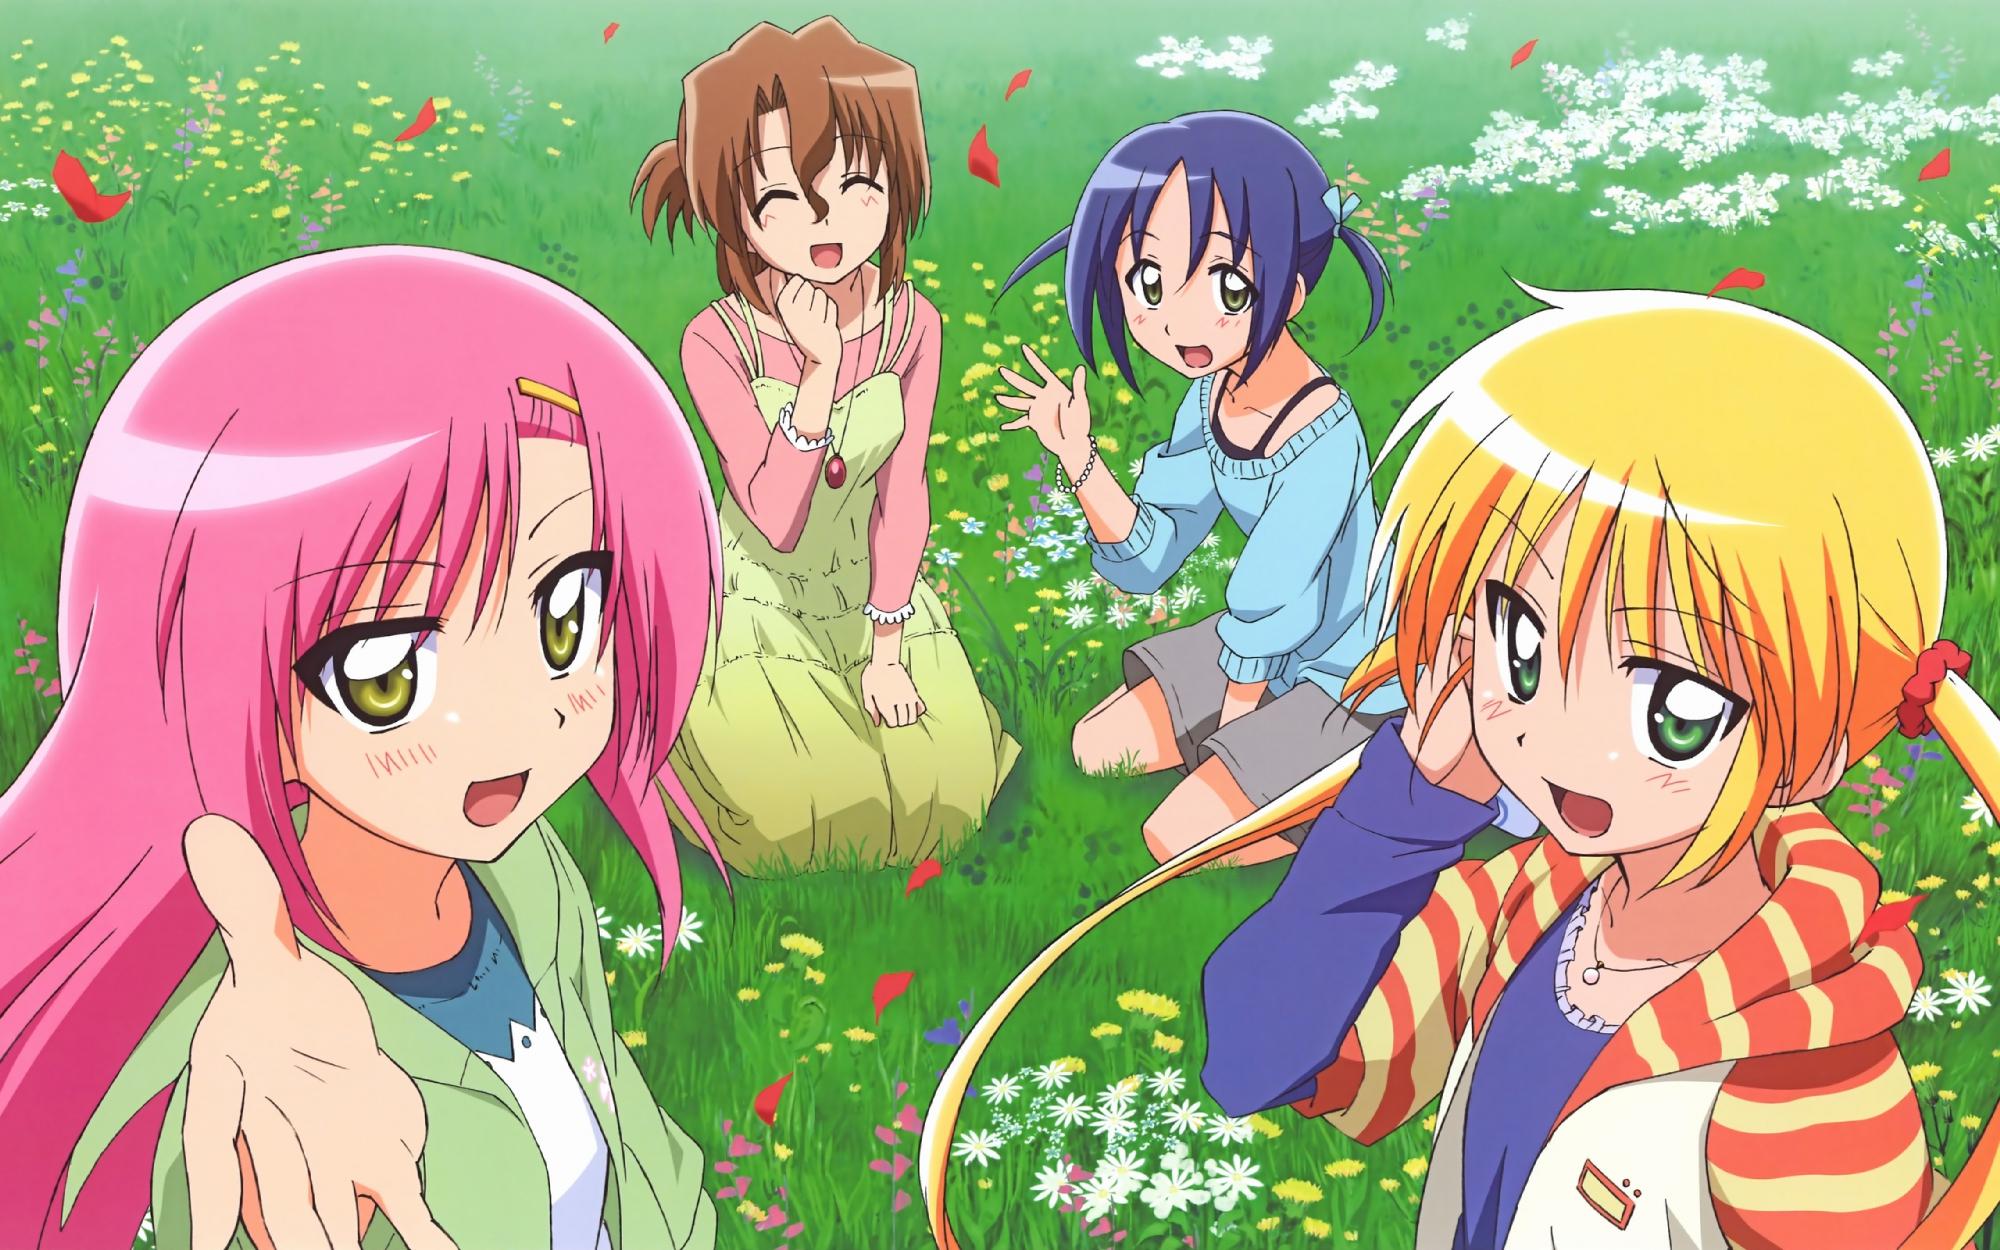 hayate_no_gotoku katsura_hinagiku maria_(hayate_no_gotoku) nishizawa_ayumu sanzenin_nagi